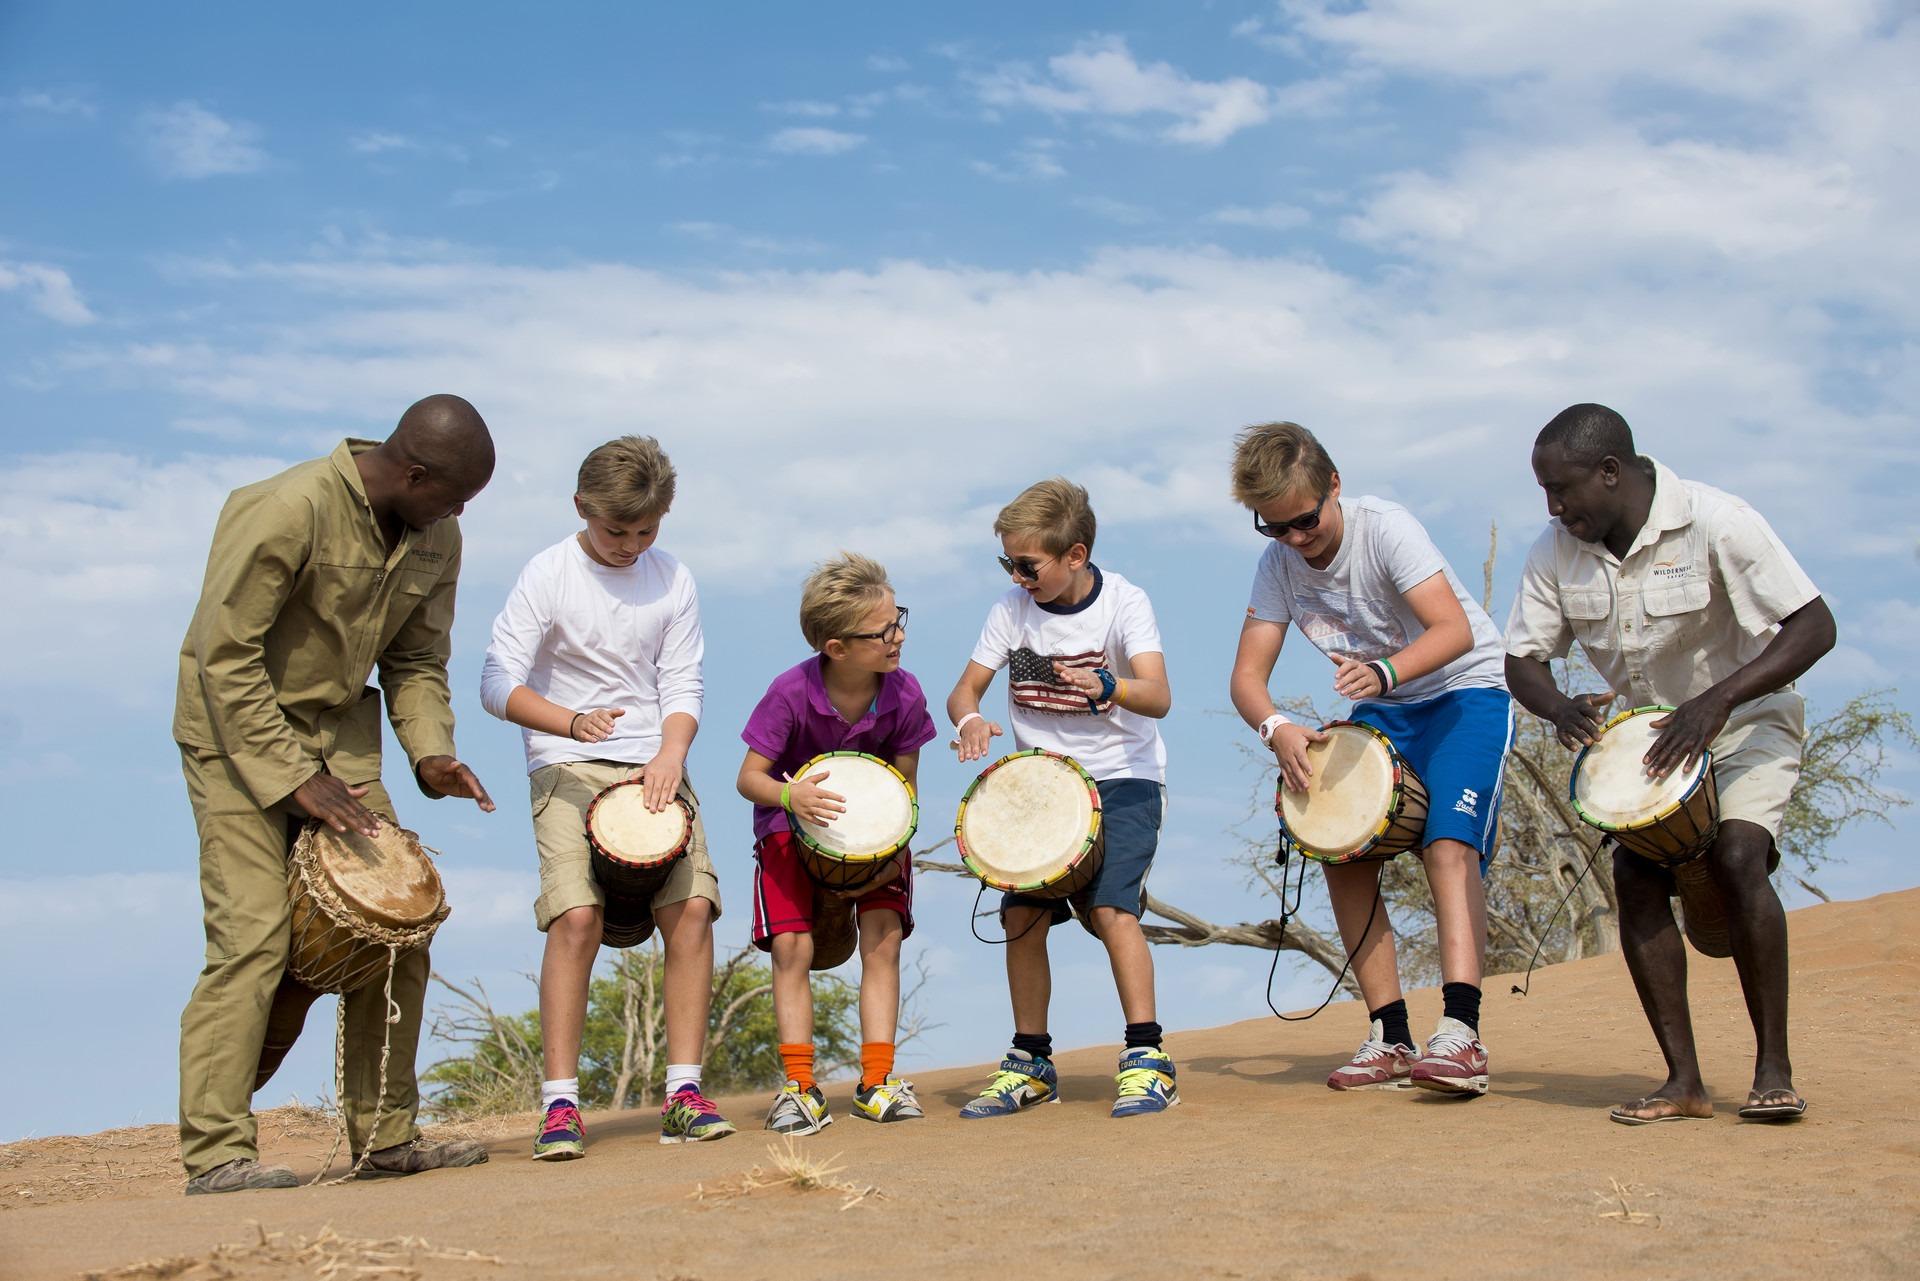 wyprawy-Namibia-z-Mozmbikiem-safari-z dziećmi.